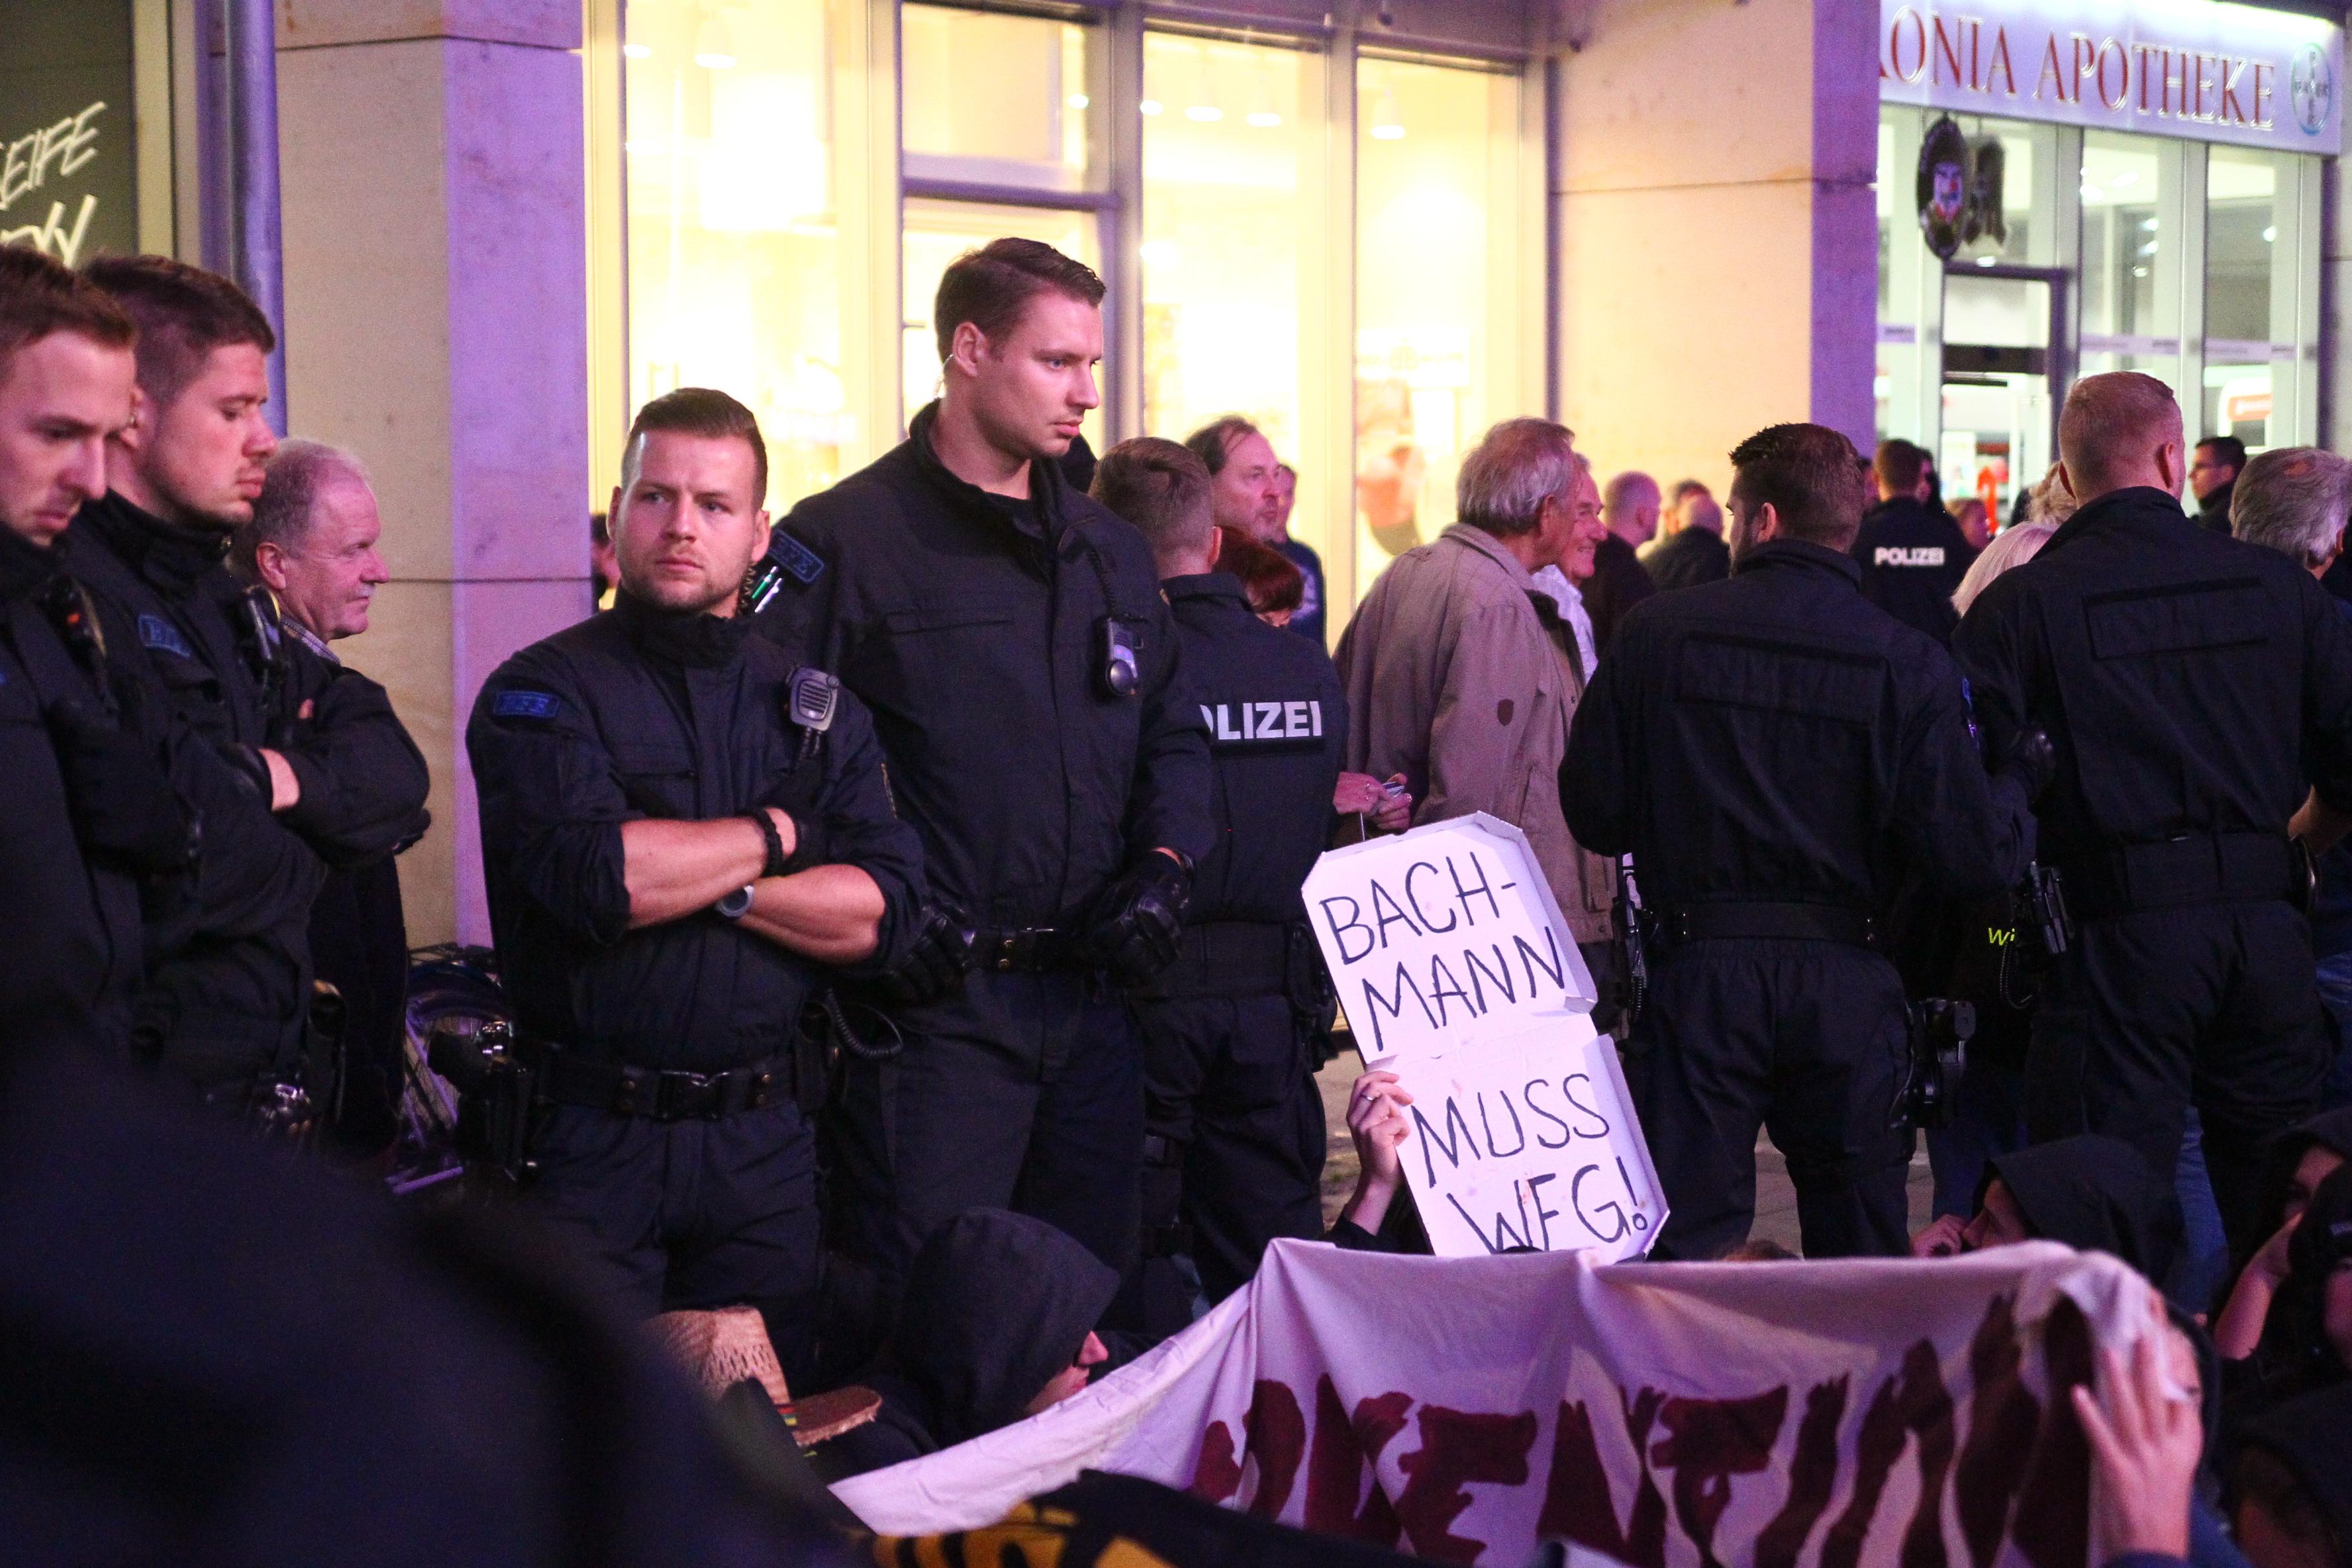 Einige Gegendemonstranten organisierten eine kleine Sitzblockade, die Pegida Teilnehmer mussten um sie herum geführt werden